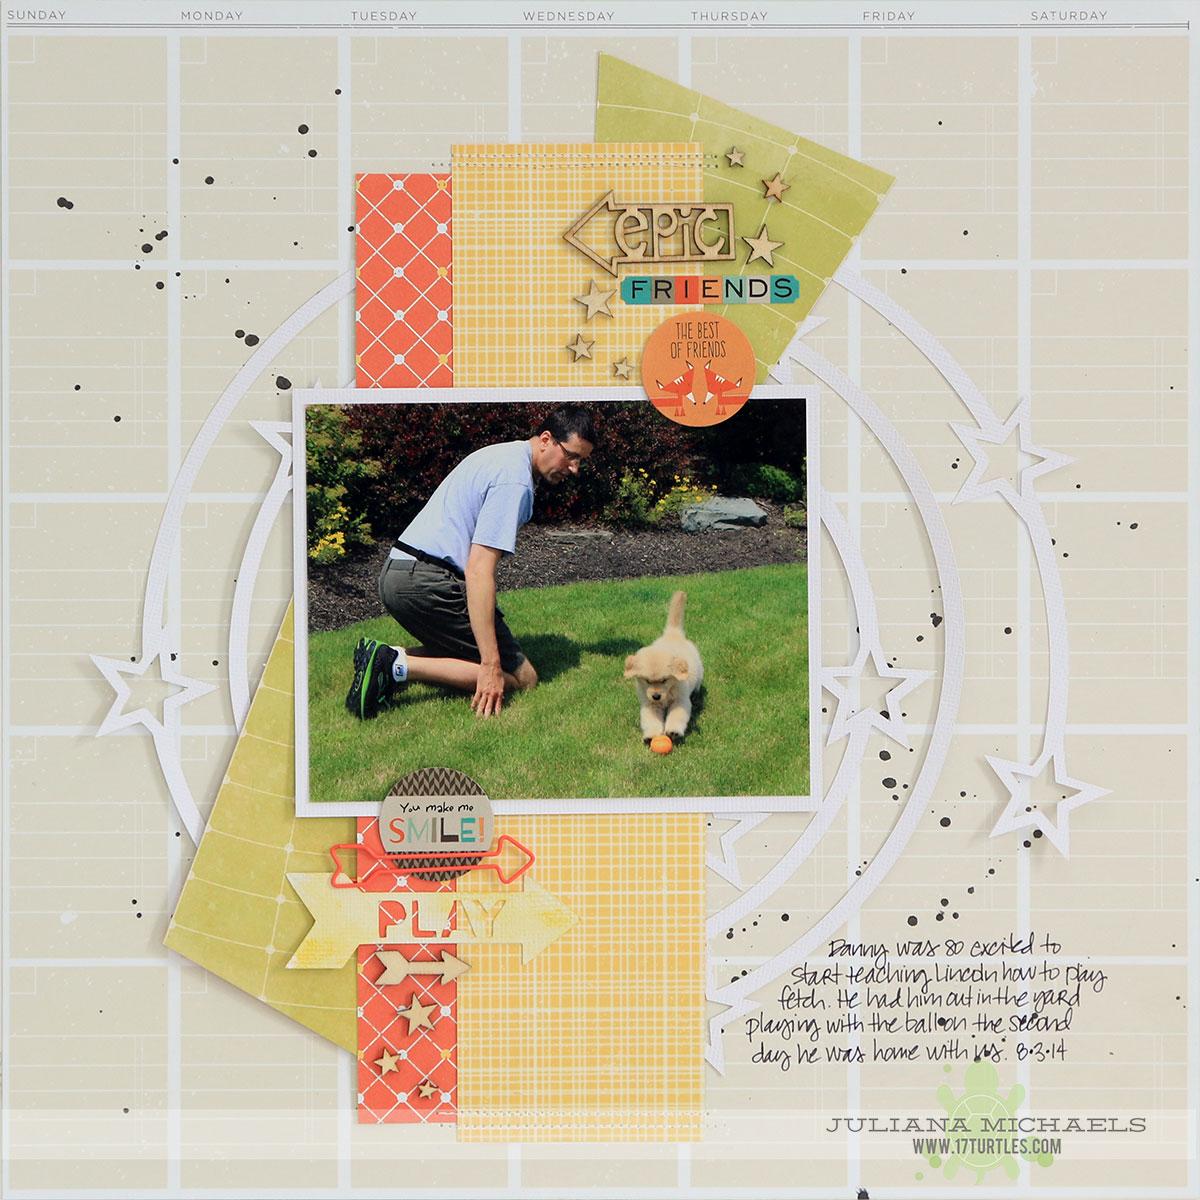 http://4.bp.blogspot.com/-pJXSaB5XTkI/VTlb9u0mT_I/AAAAAAAAT0M/Nzt0NJA5yv8/s1600/Play_Puppy_Dog_Scrapbook_Page_Juliana_Michaels_17turtles_Digital_Cut_Files_01.jpg